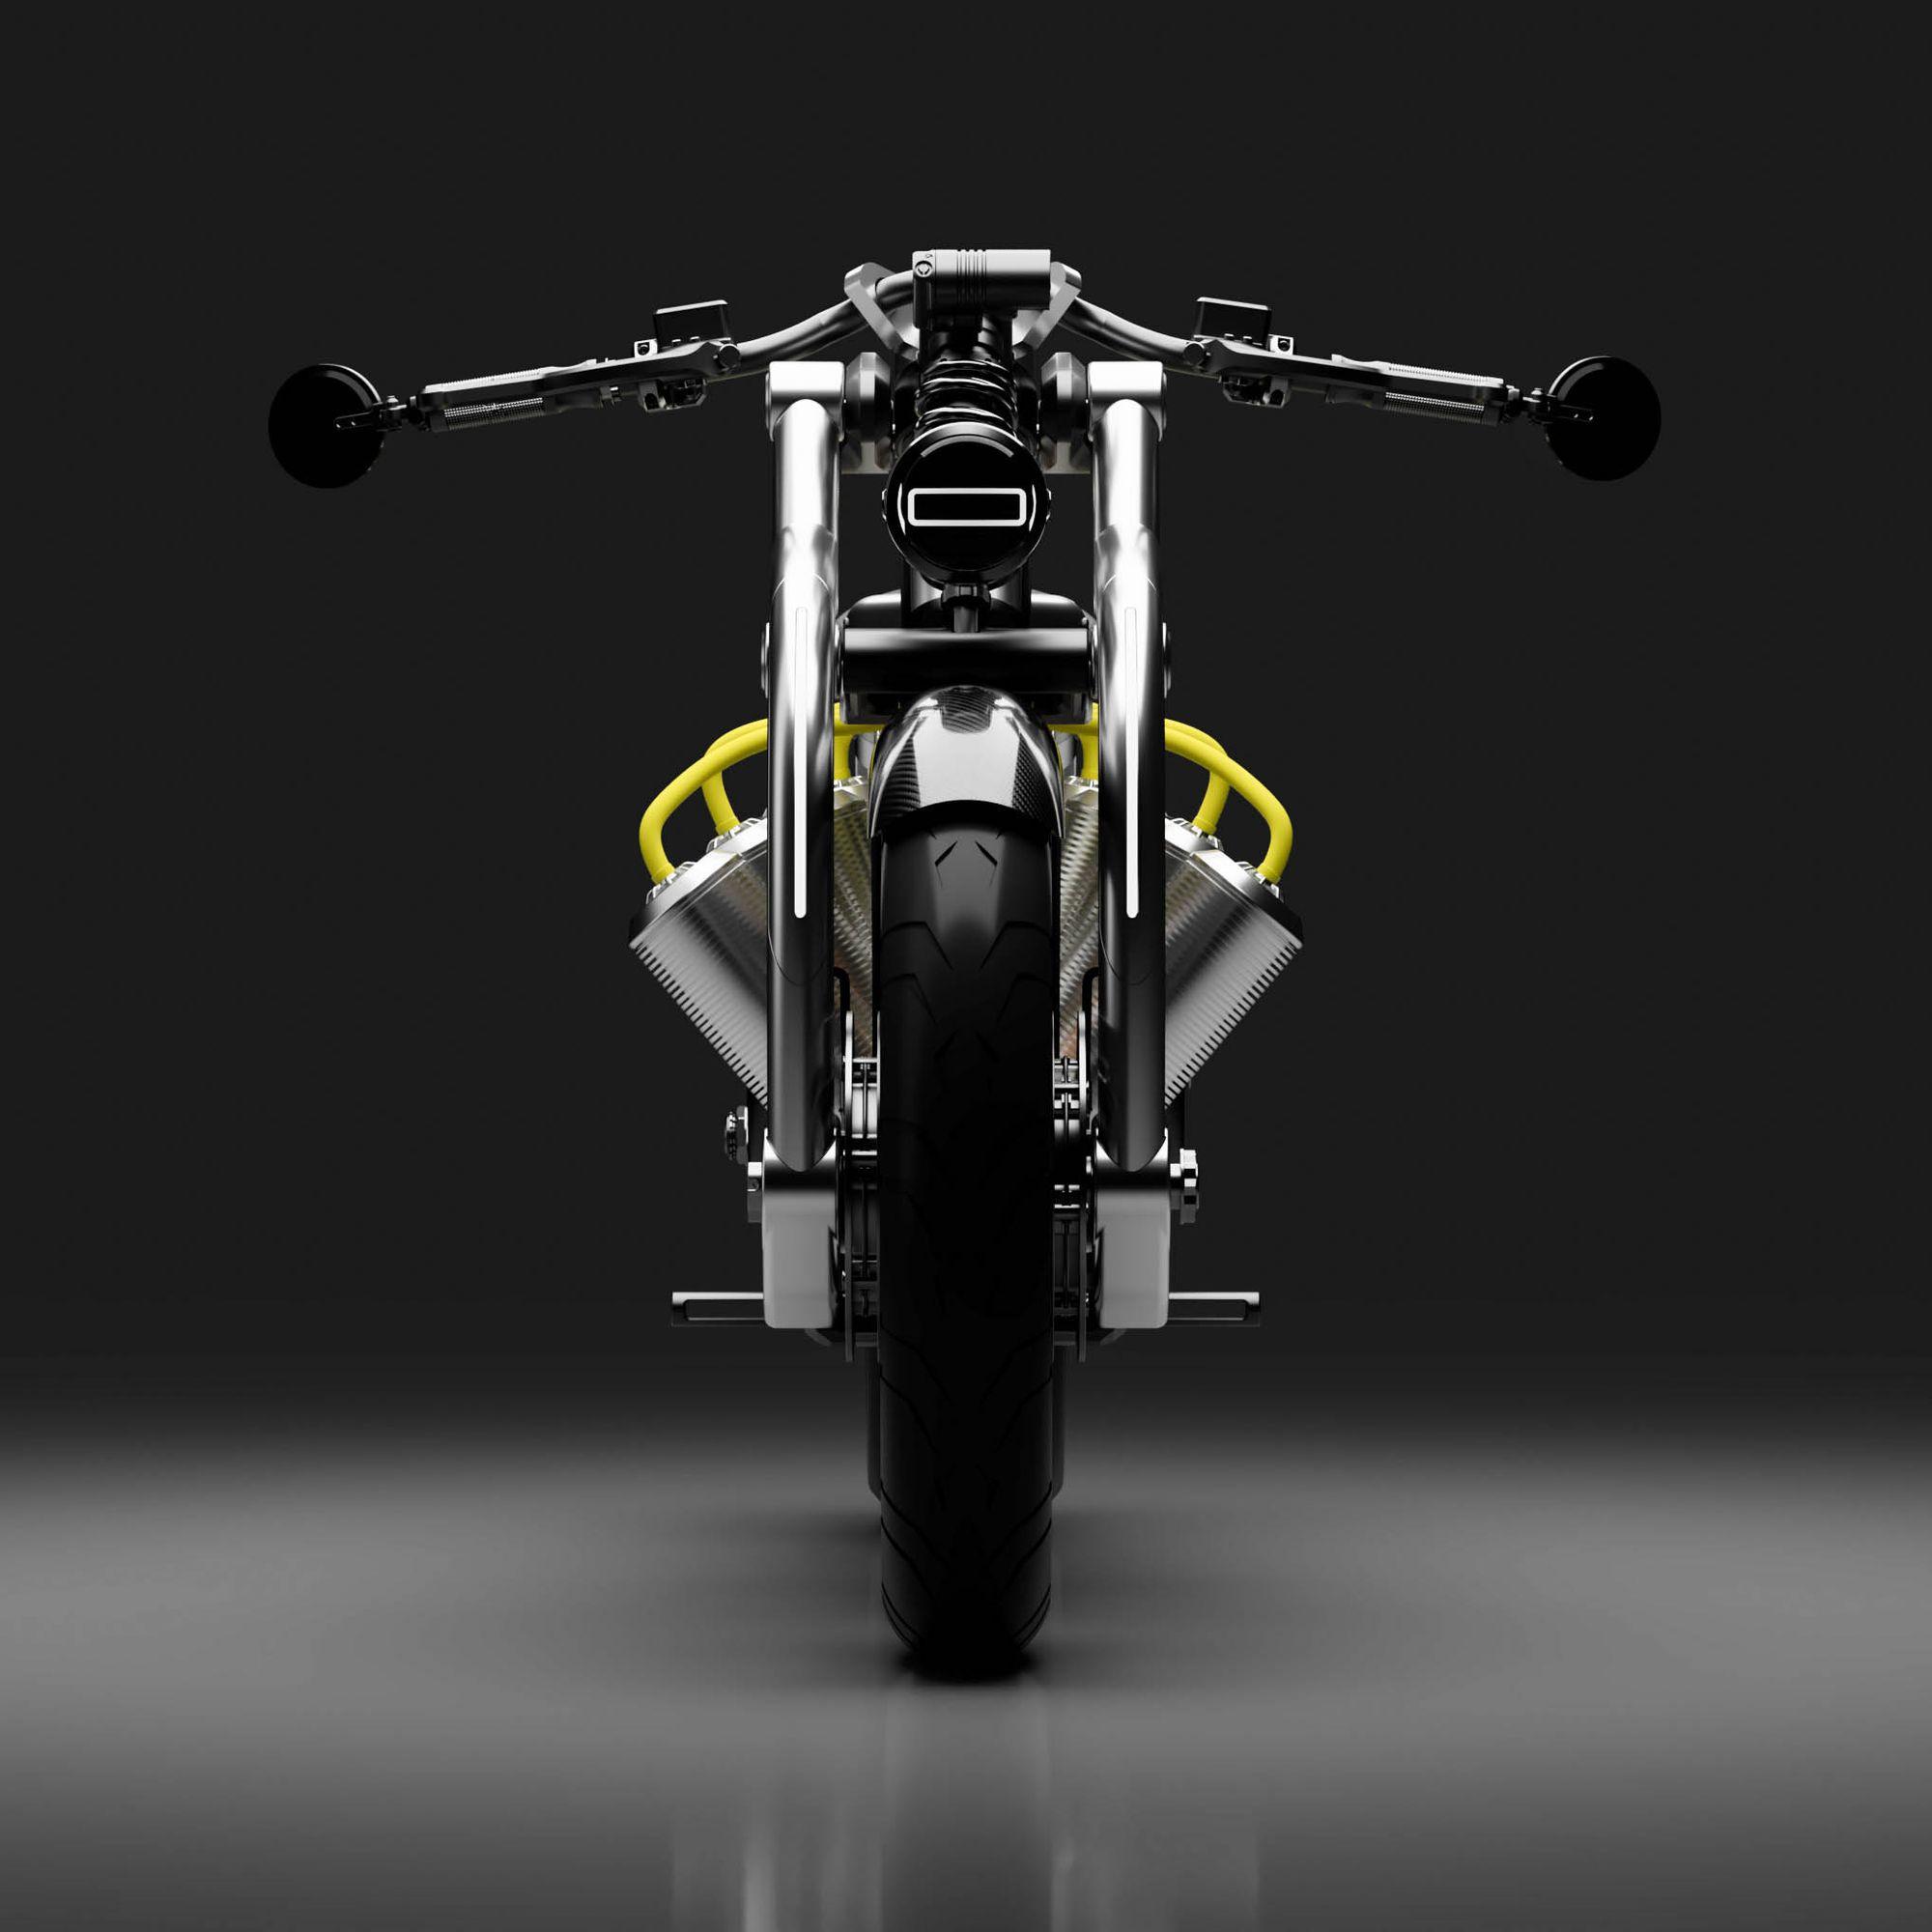 5cf367076e00f5c32e37ff5e_Curtiss-Zeus-Radial-V8-8-1